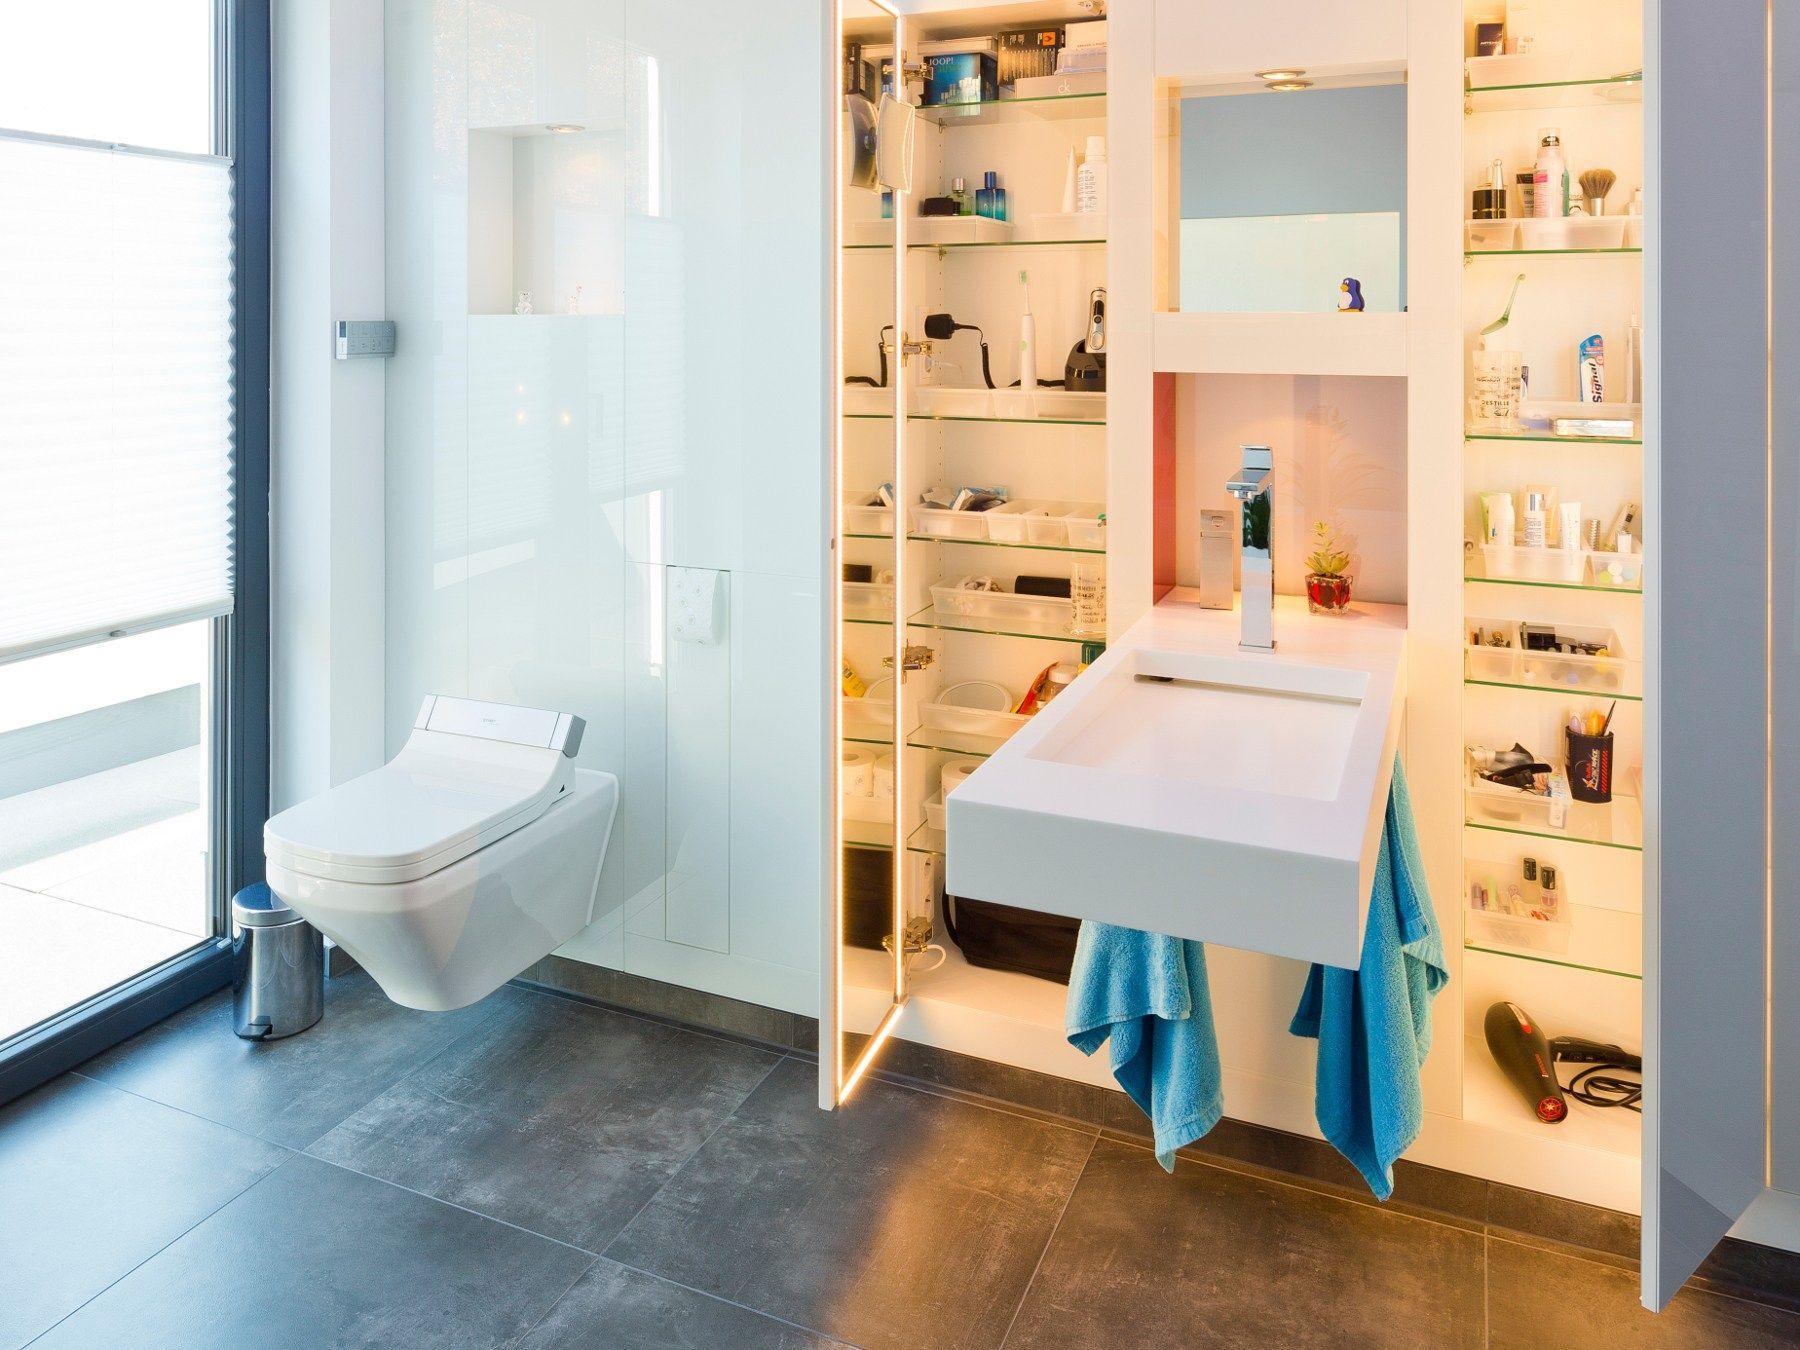 Salle de bains compl te by baqua design j rgen klein for Salle de bain complete